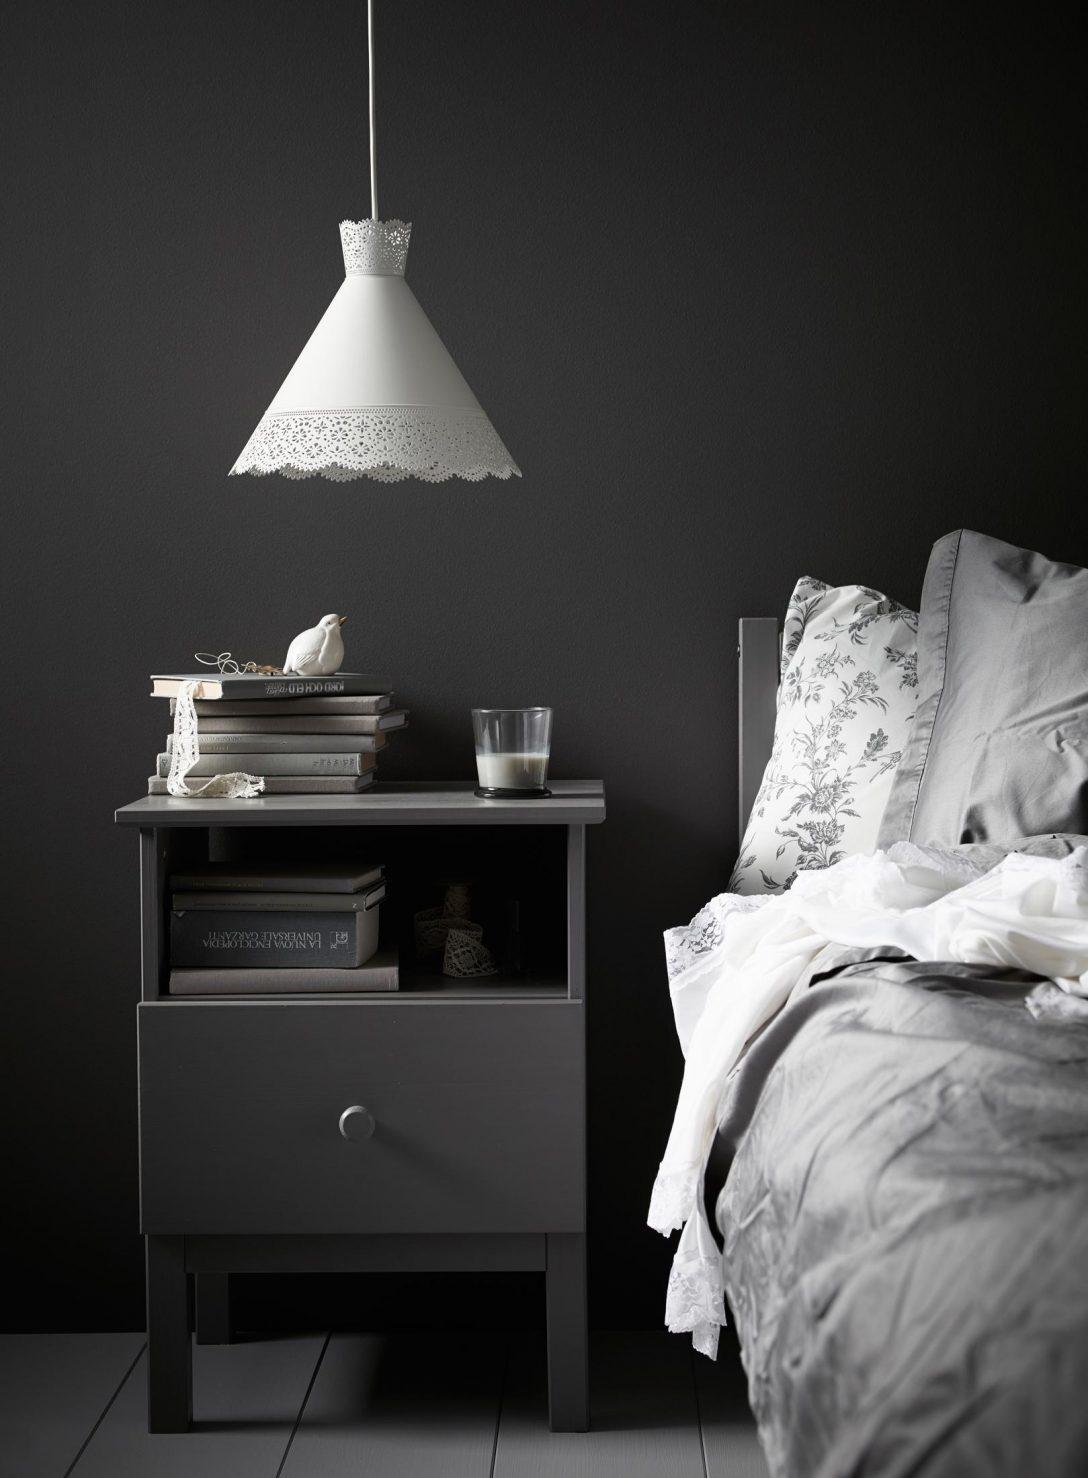 Graues Bett Dunkel Samtsofa Ikea Kombinieren 140x200 Bettlaken 160x200 Waschen Passende Wandfarbe 120x200 Einfaches 140 Tojo V Außergewöhnliche Betten Weiß